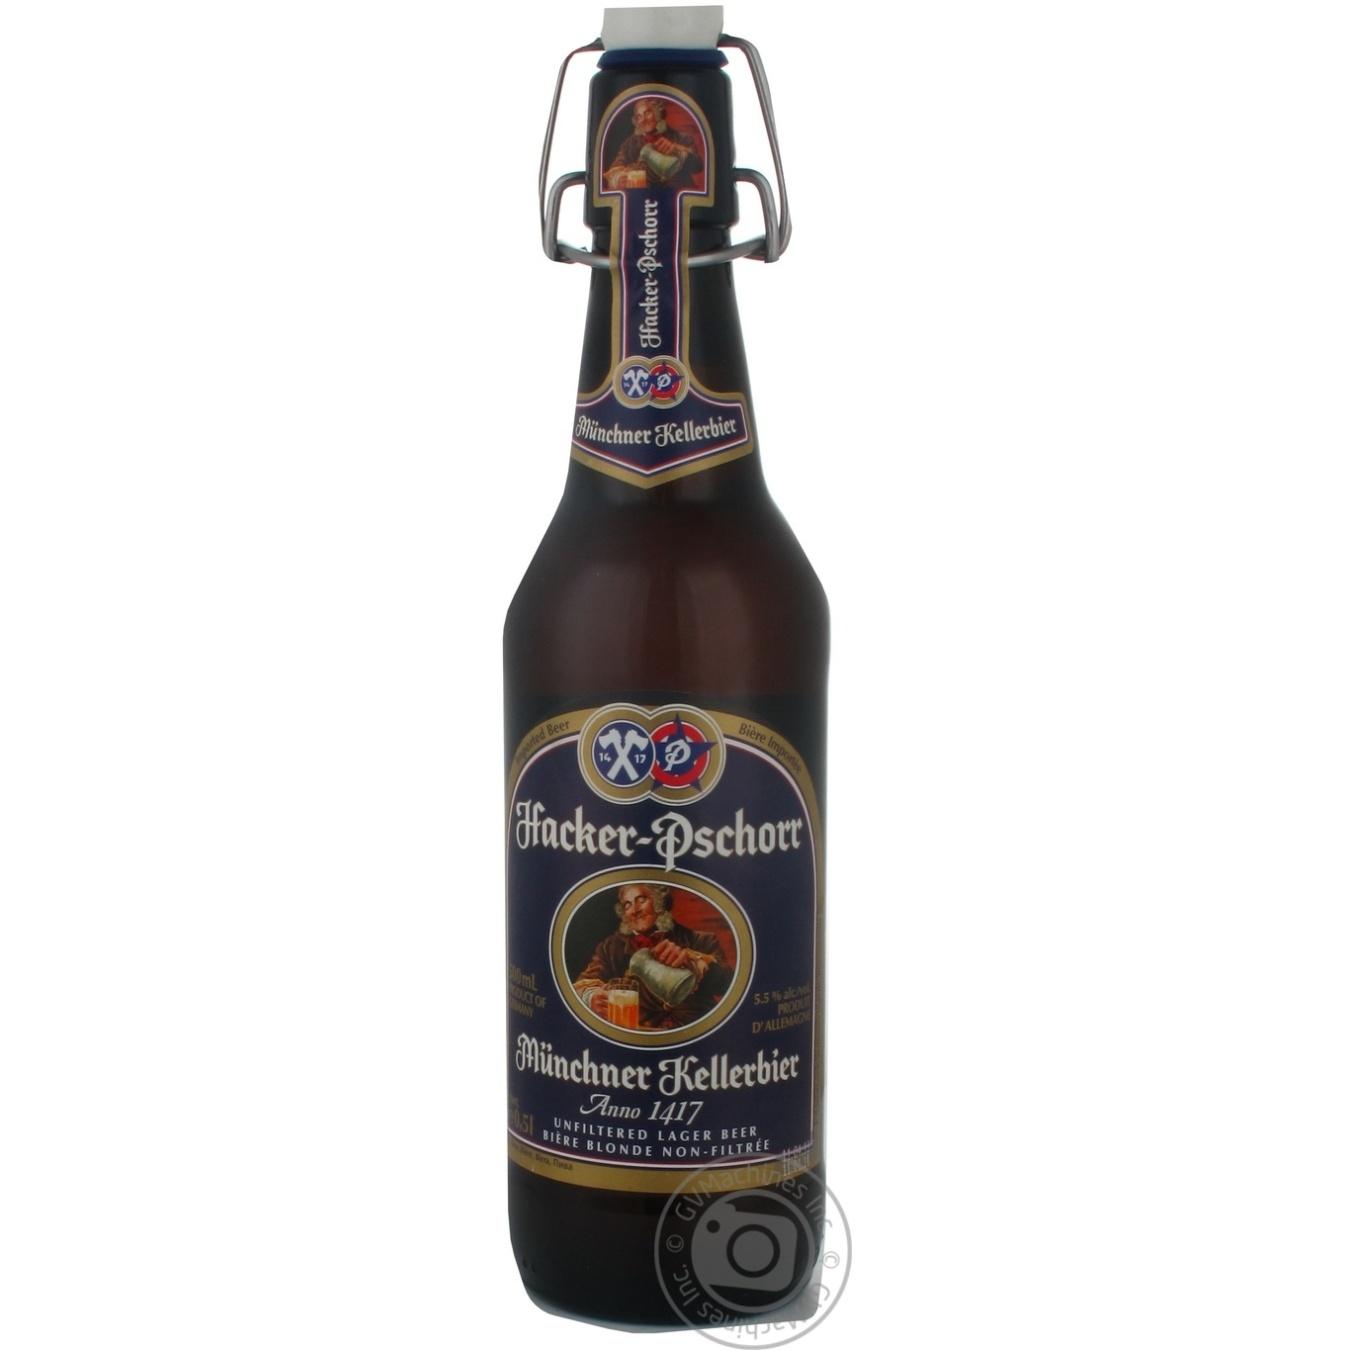 Пиво Хакер-Псхорр Анно 1417 светлое нефильтрованное пастеризованное 5.5%об. 500мл